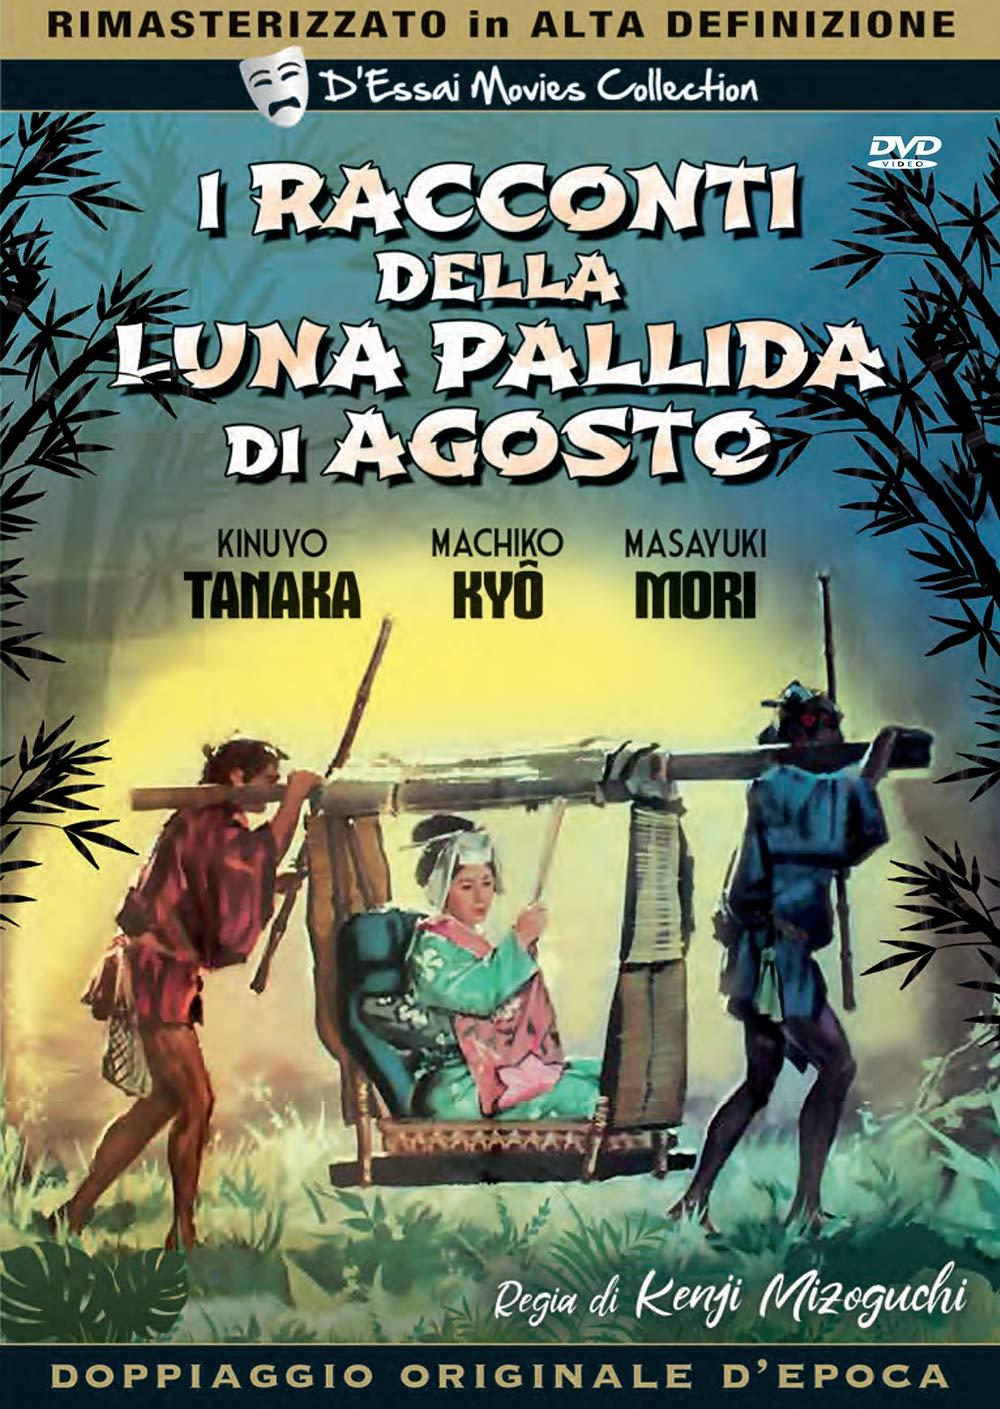 I RACCONTI DELLA LUNA PALLIDA DI AGOSTO (DVD)